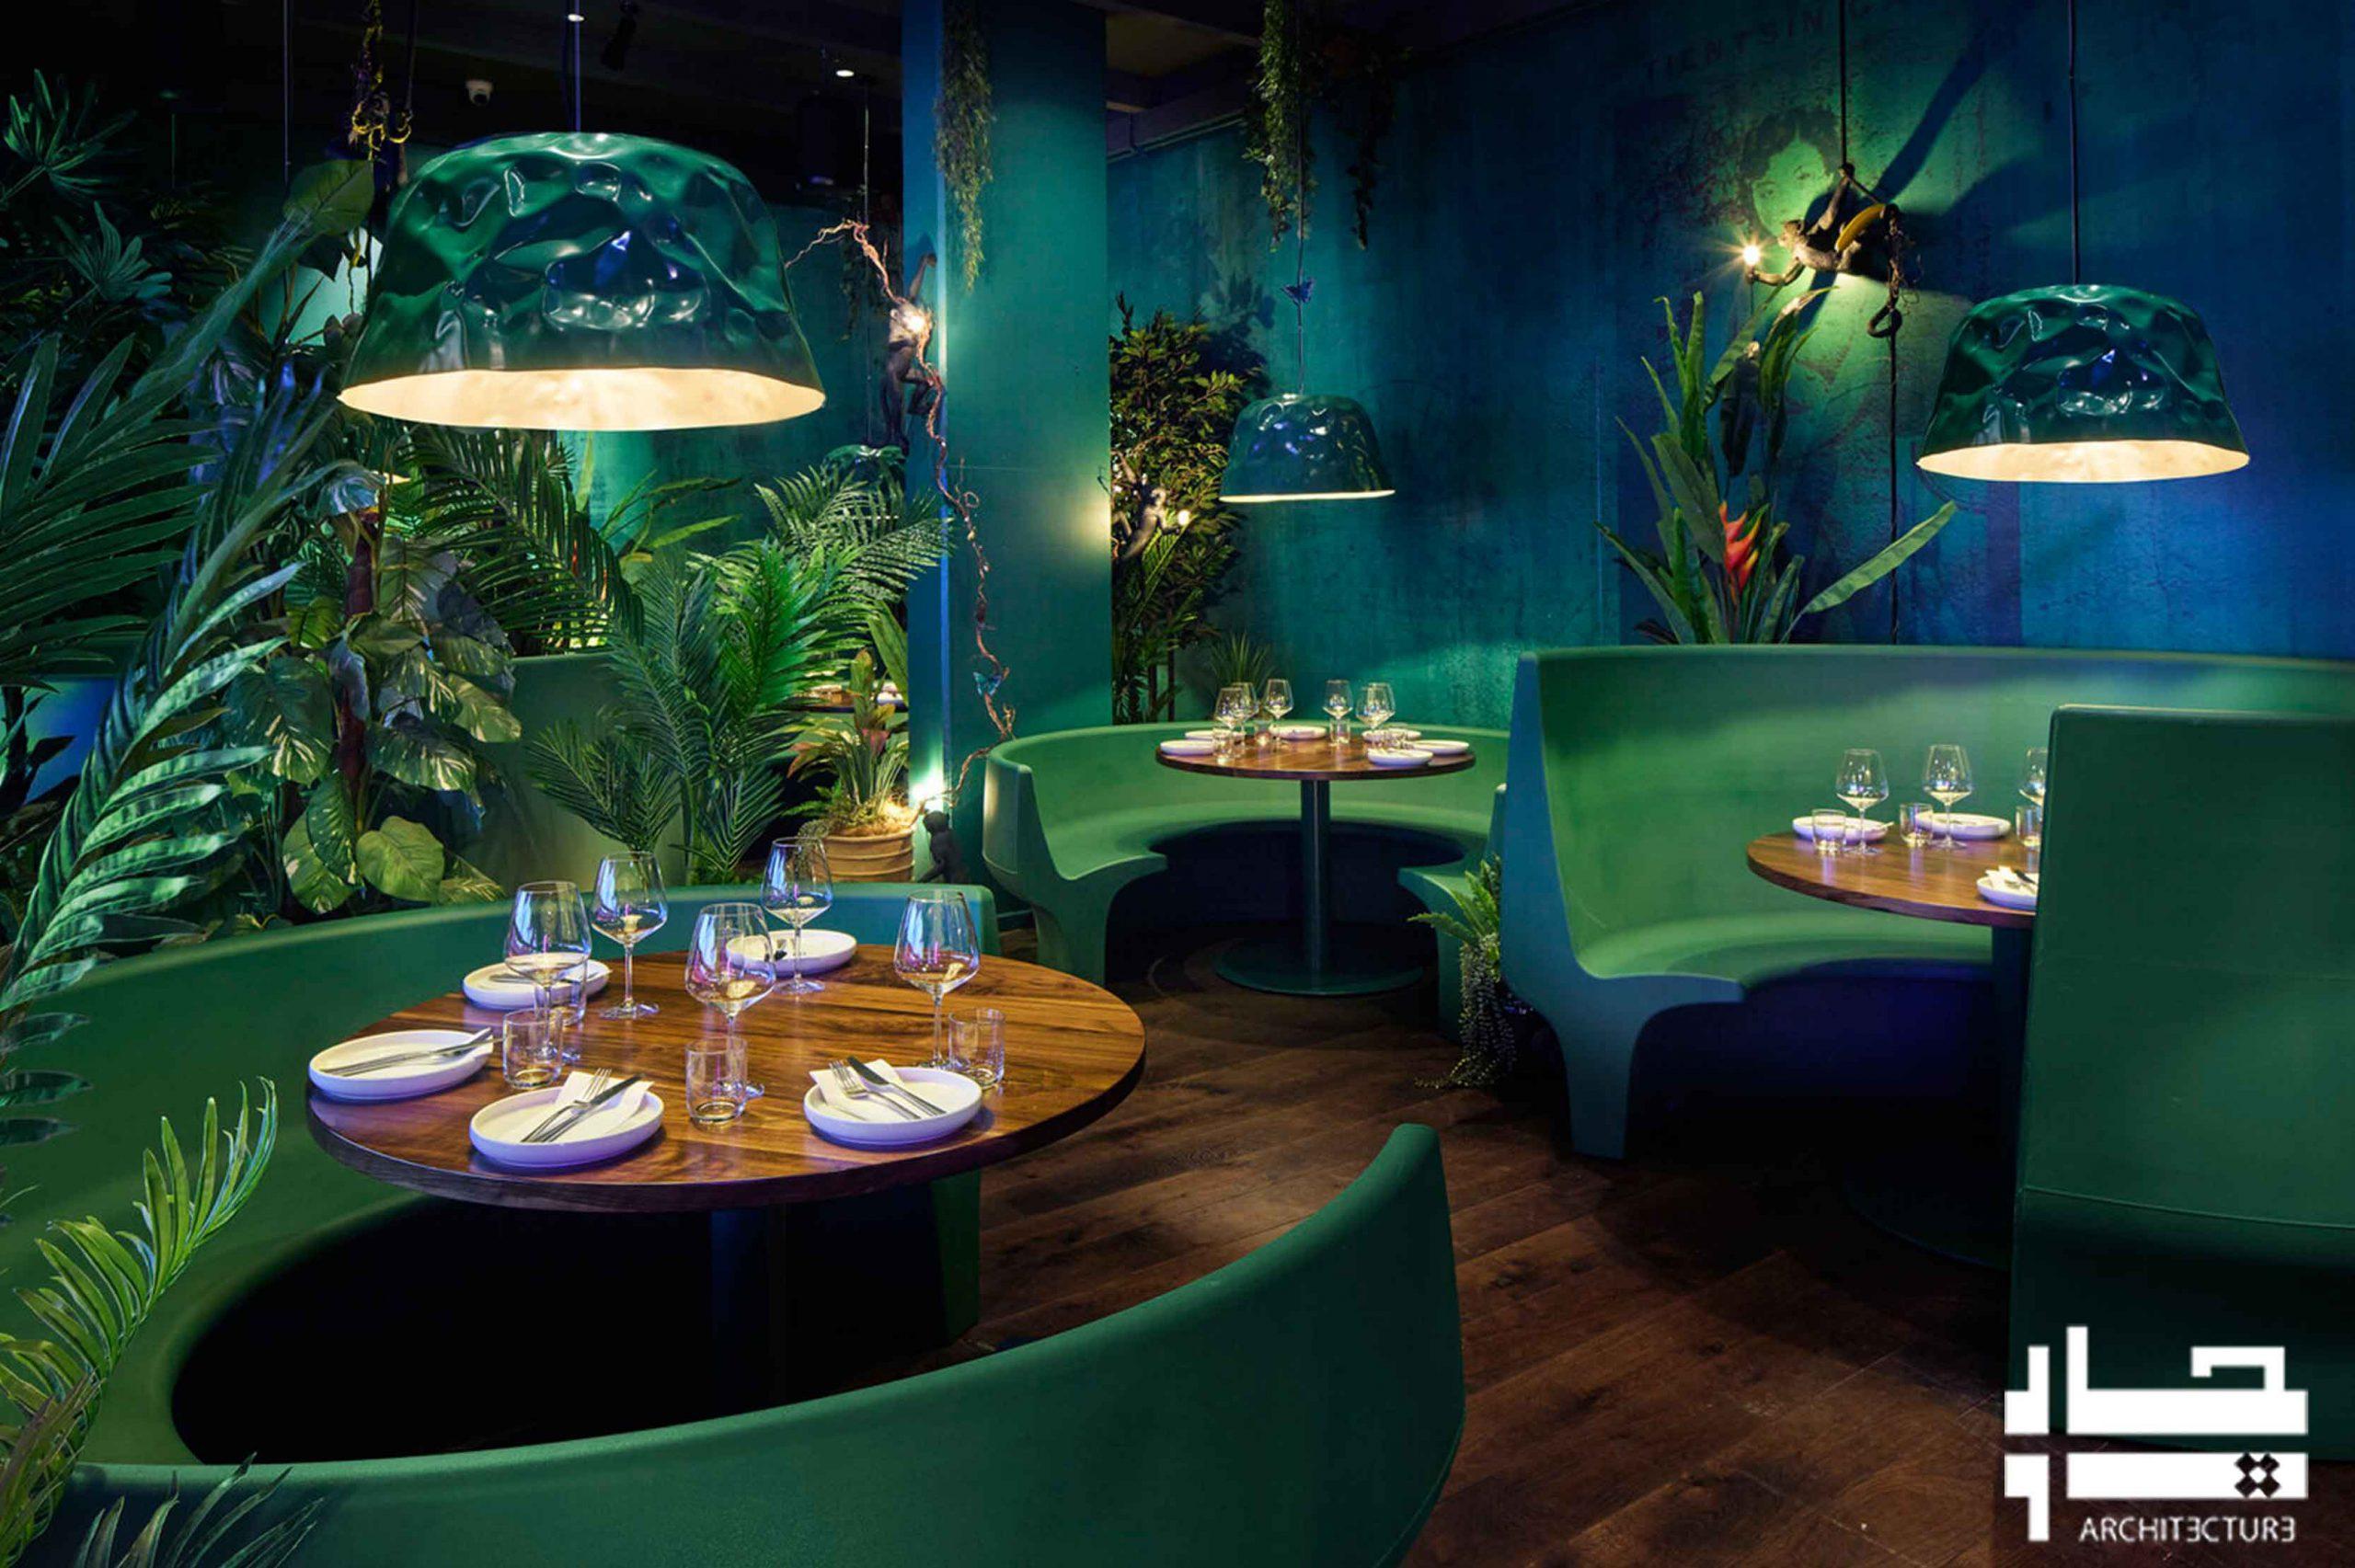 رستوران تایلندی  پینگ بنگ